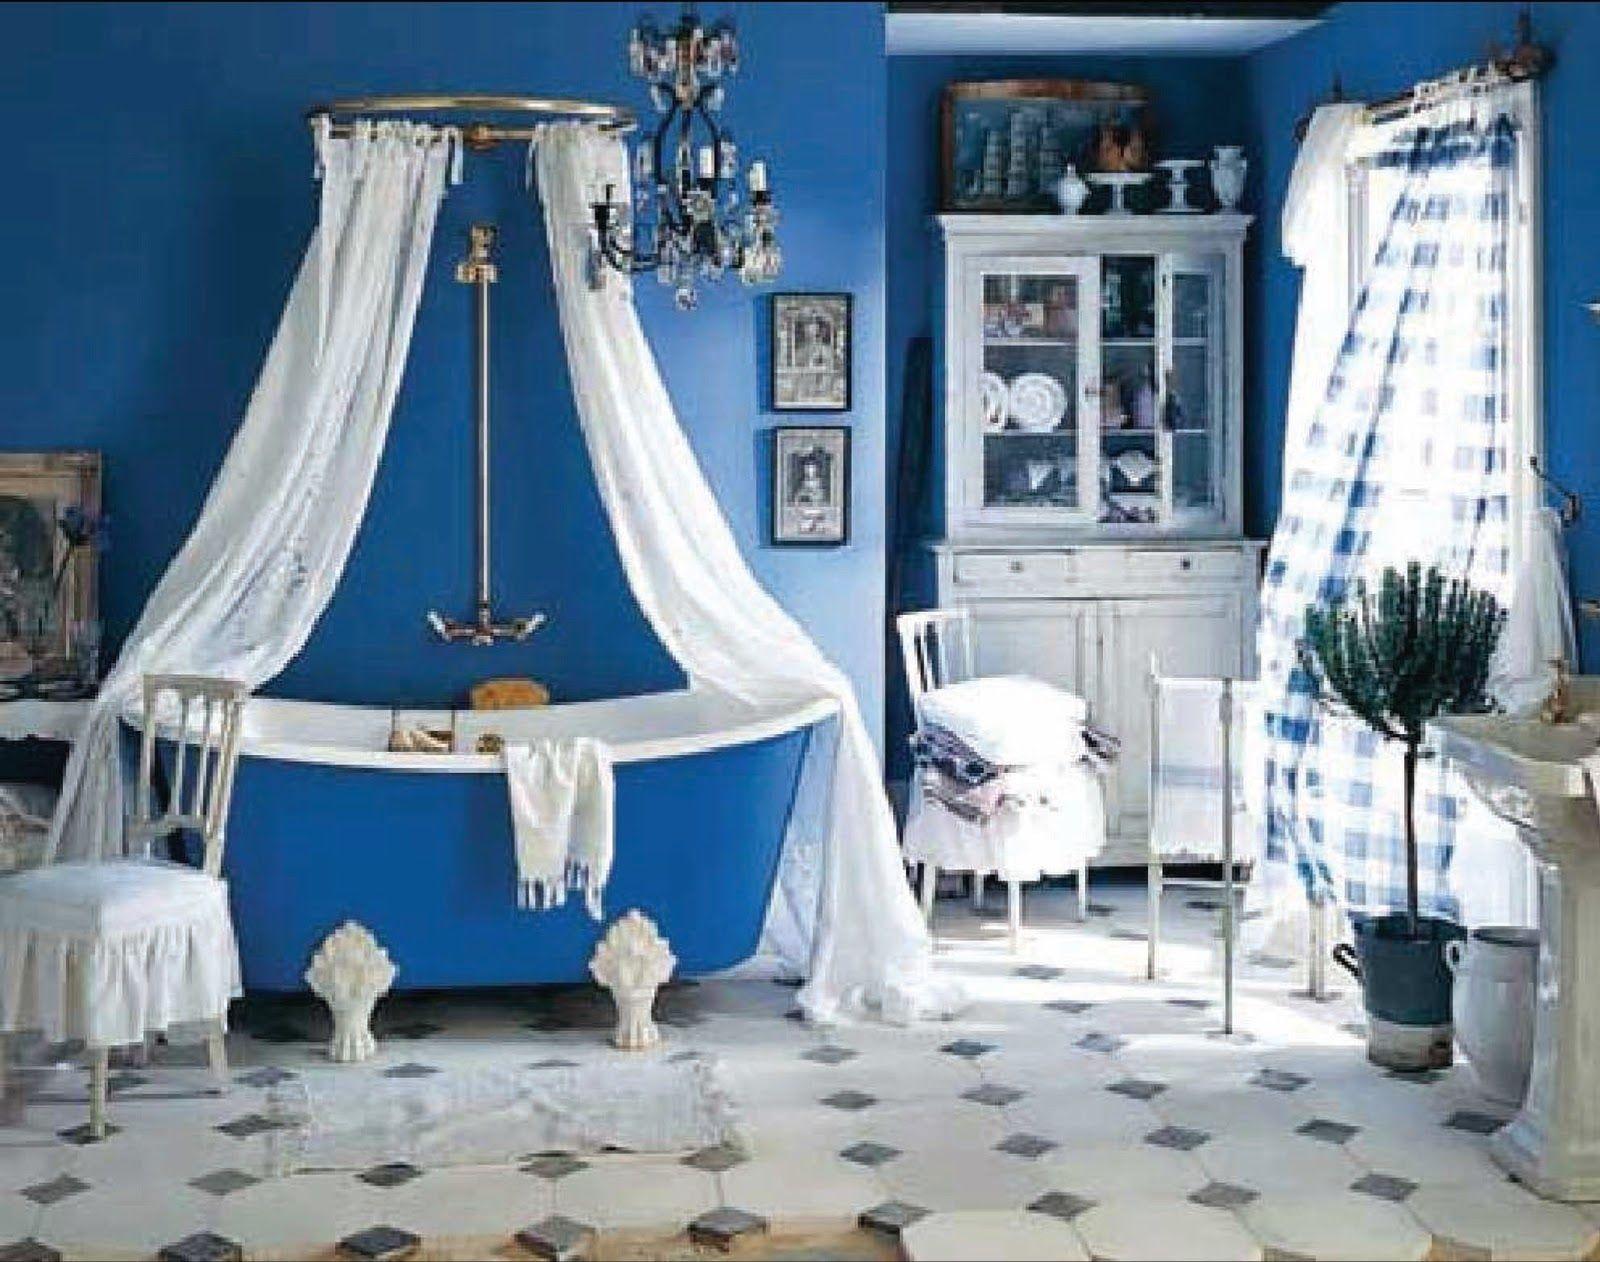 37 rustic bathroom decorating ideas clawfoot tubsbathtubsblue - Bathroom Decorating Ideas With Clawfoot Tub